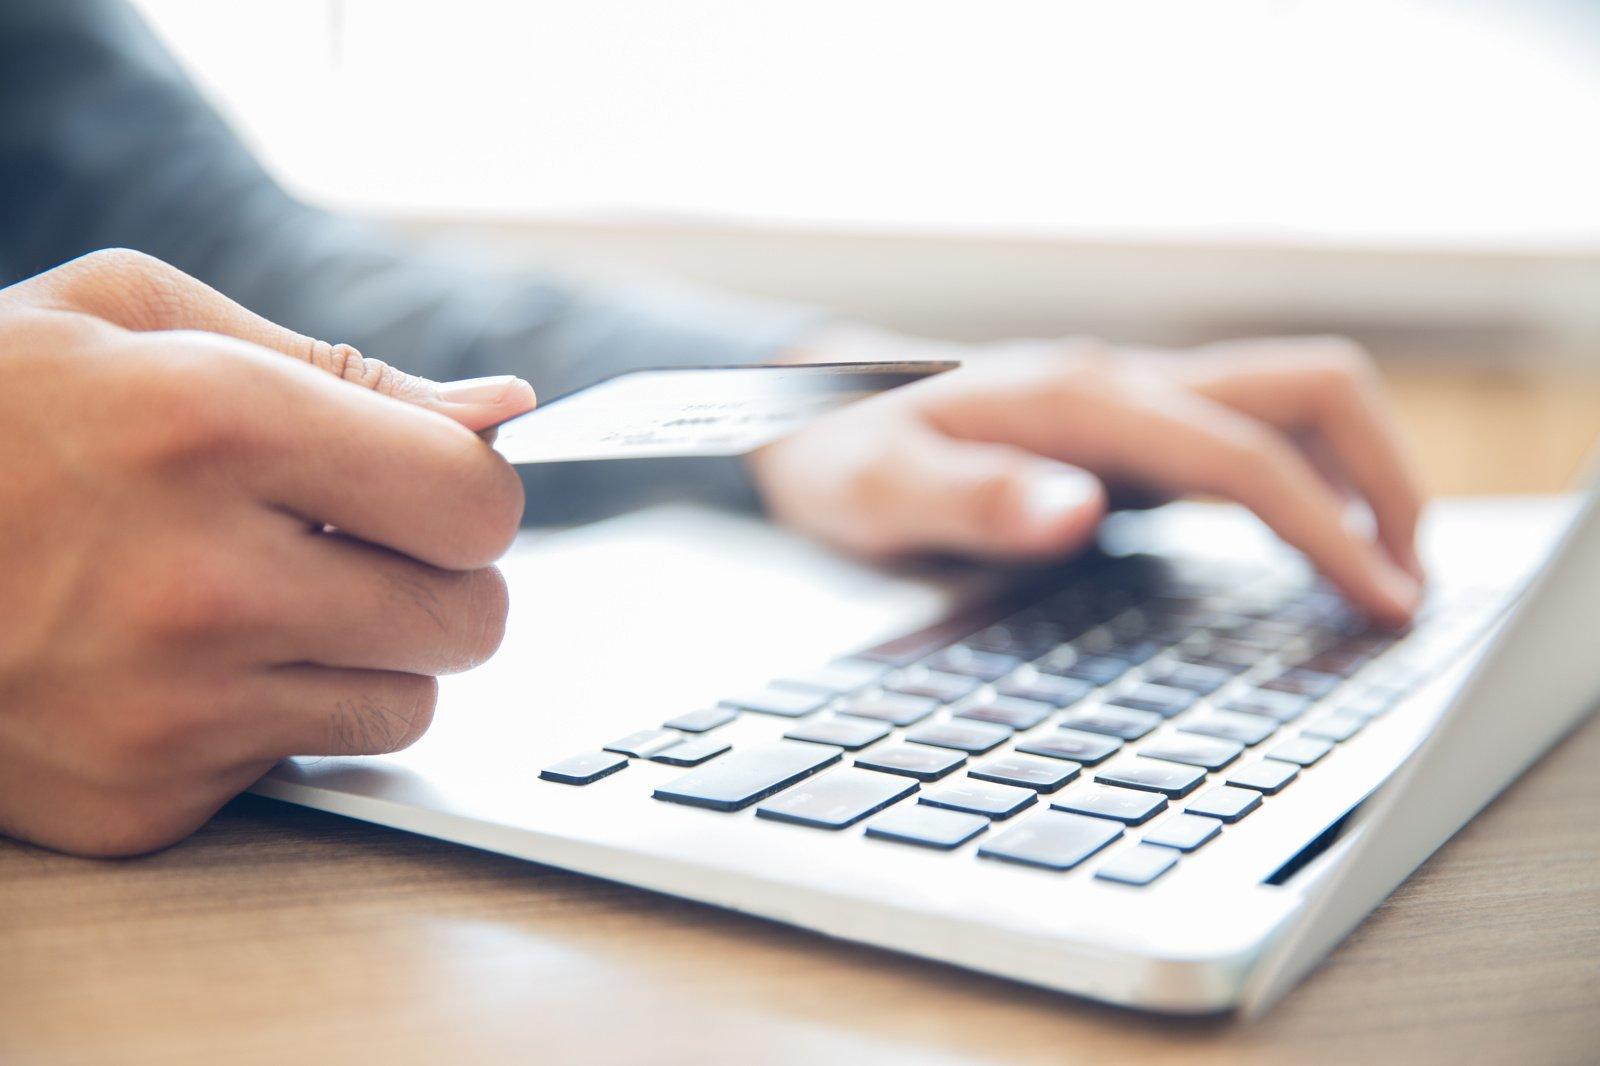 Karantinas išaugino internetinių parduotuvių paklausą